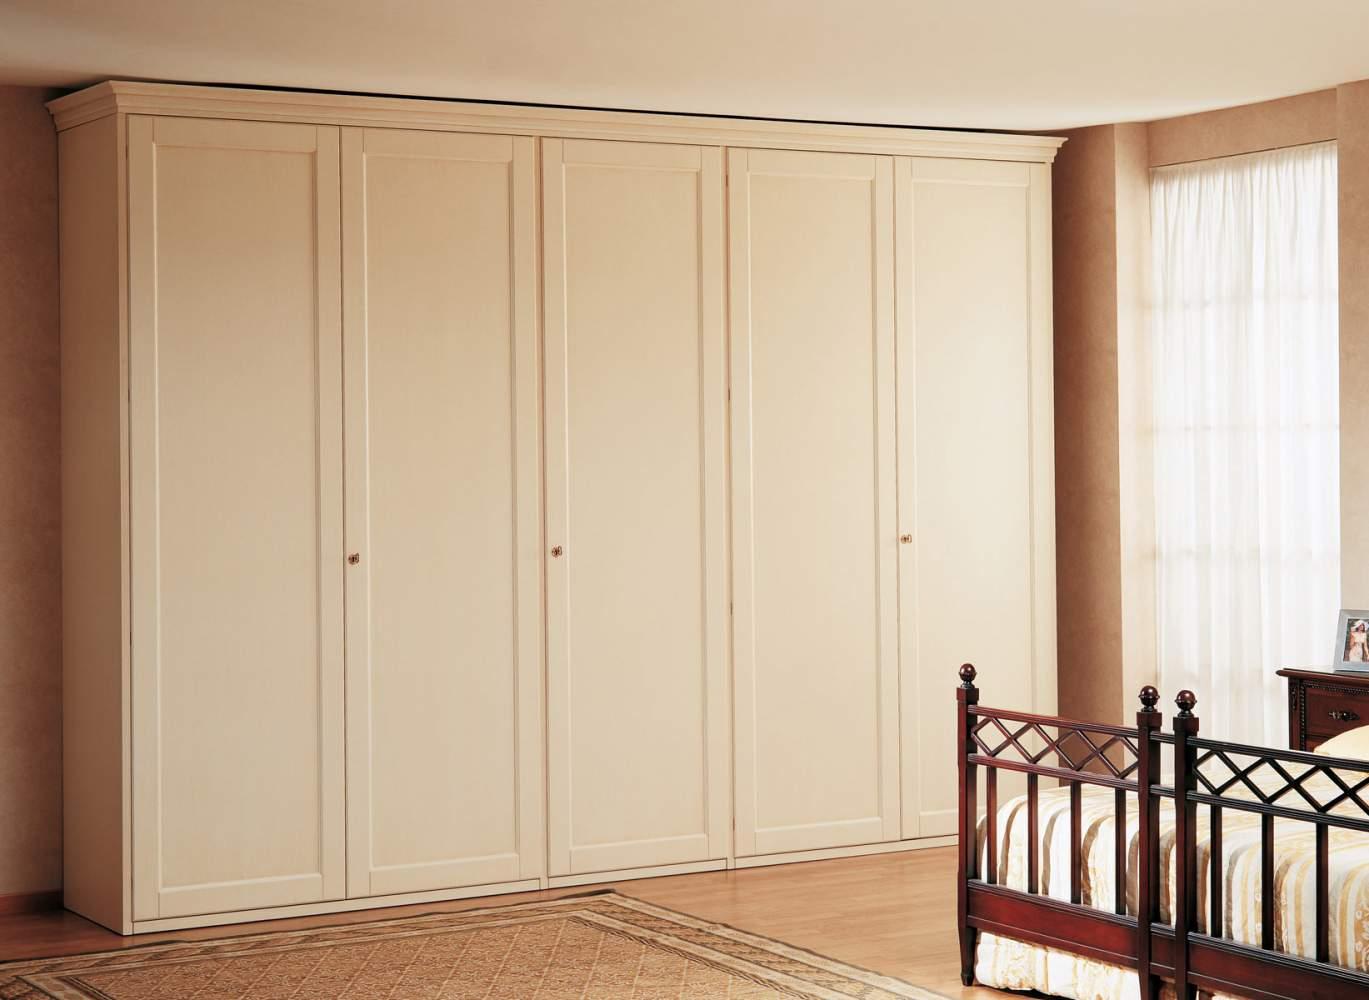 Armoire classique avec cinq portes